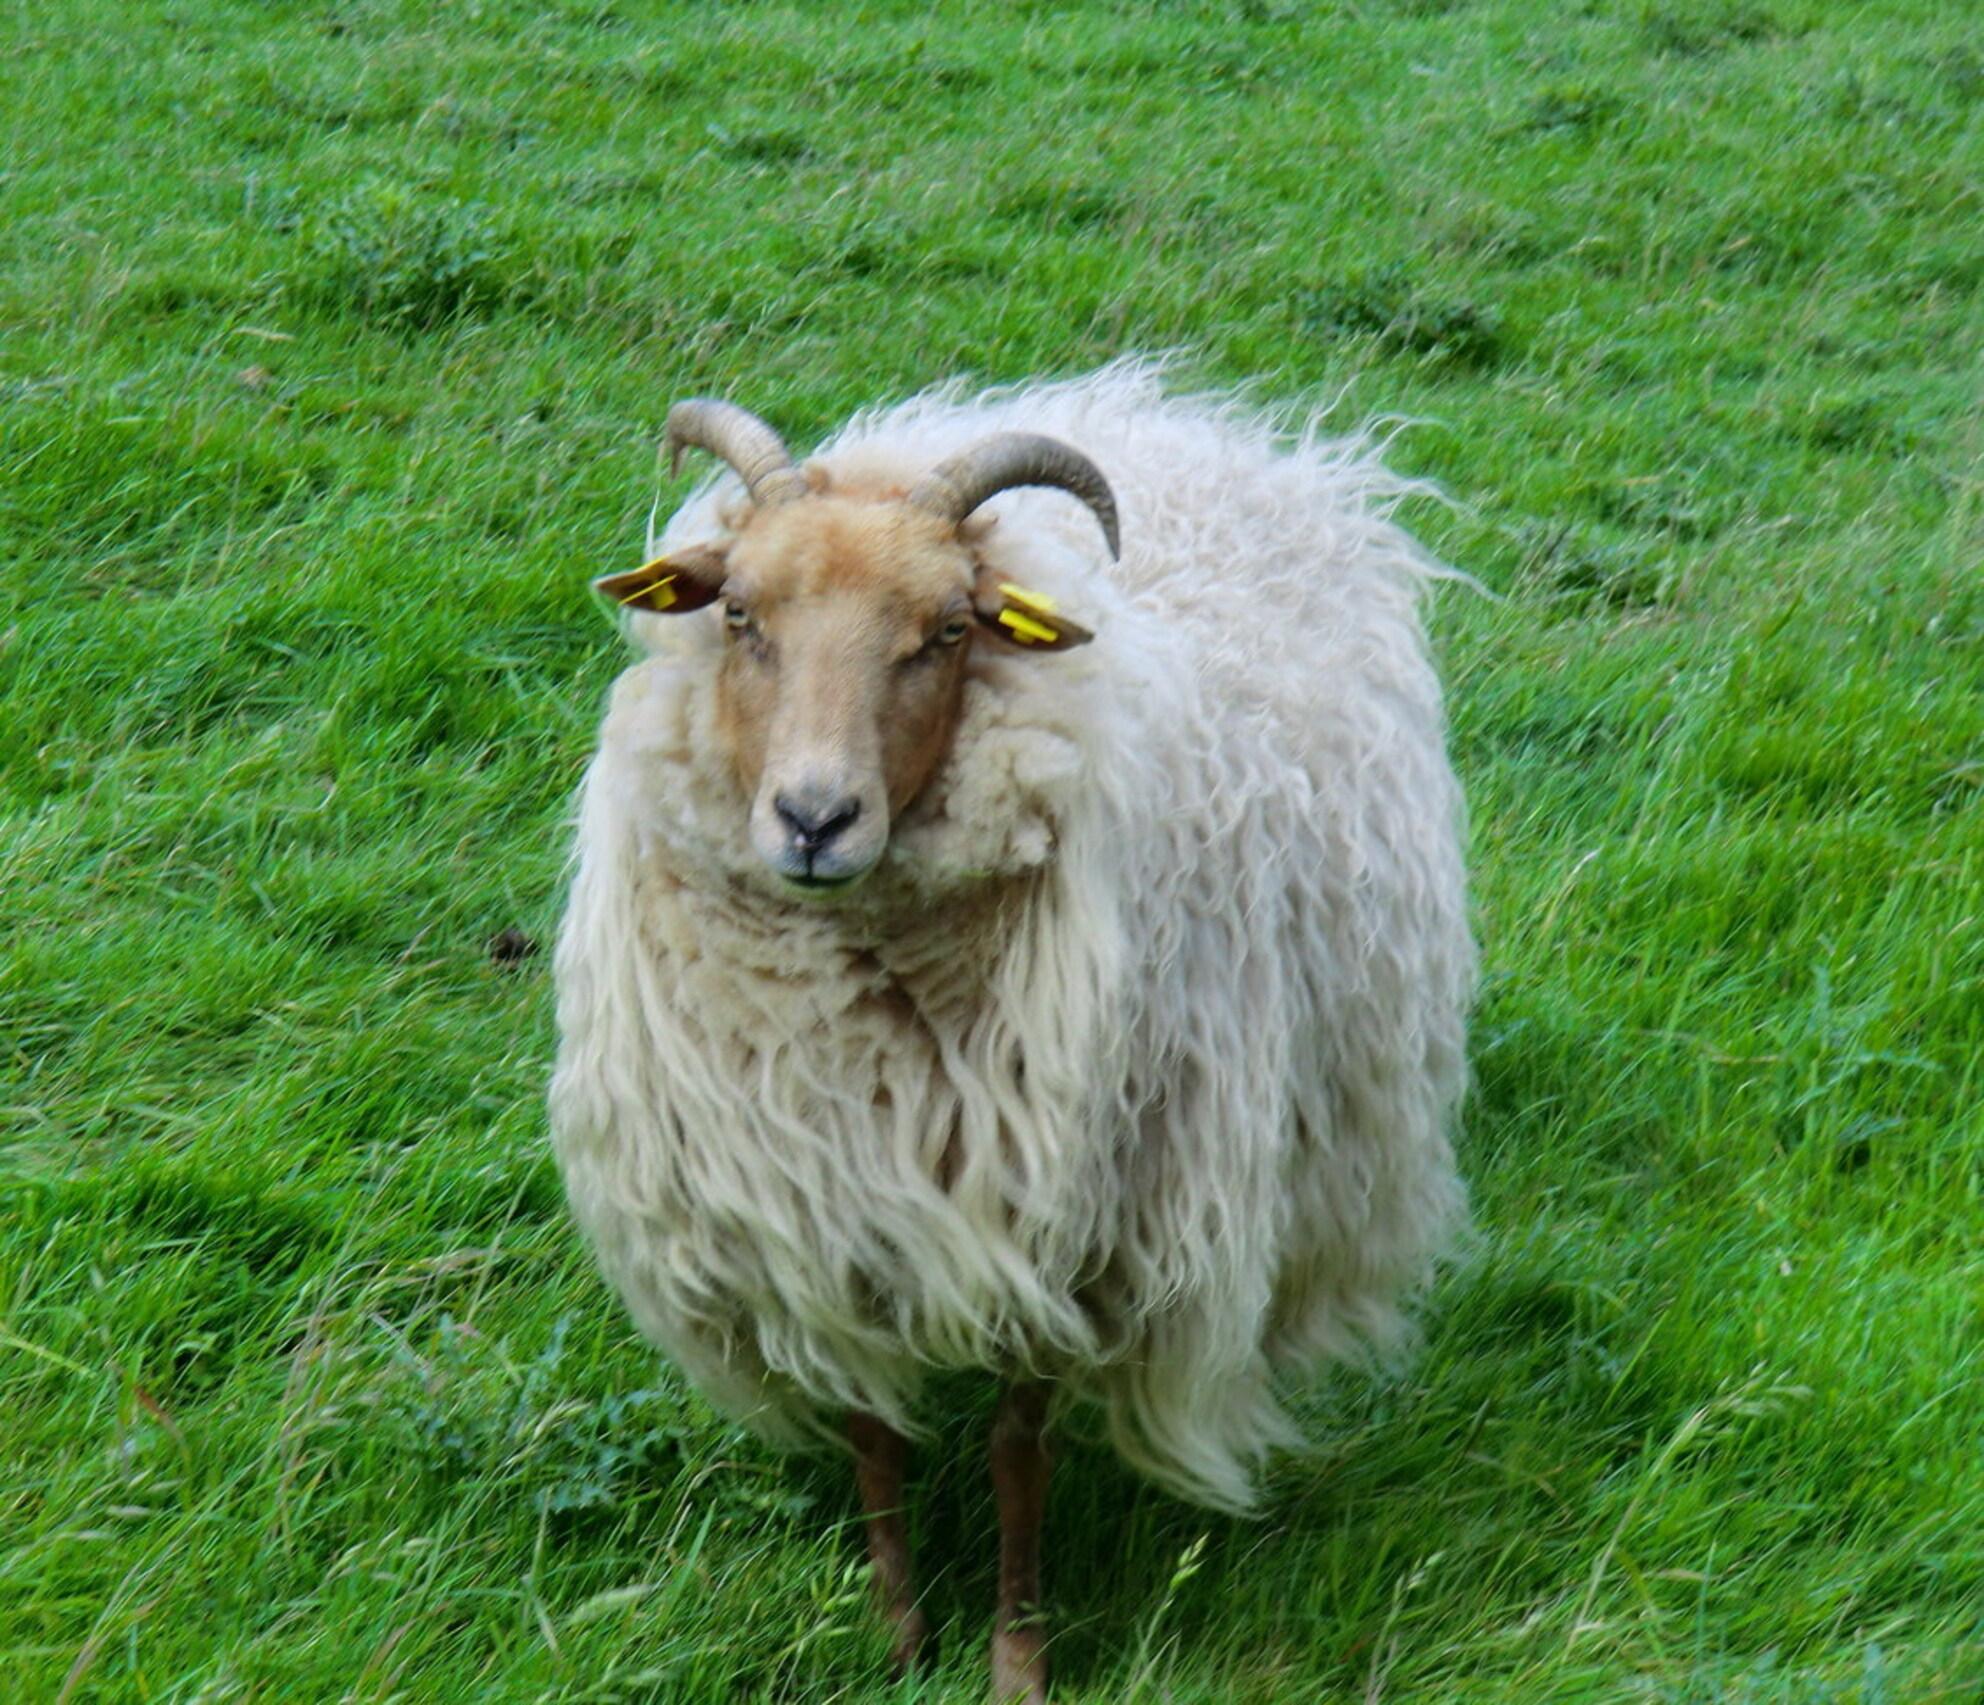 DRENTS HEIDESCHAAP - Gezien tegenover in een weiland van mijn tijdelijke verblijfplaats in Warffum,waar enkele van deze schapen/lammetjes en geitjes liepen,en deze kon va - foto door ruudpeter op 27-05-2011 - deze foto bevat: drents heideschaap - Deze foto mag gebruikt worden in een Zoom.nl publicatie